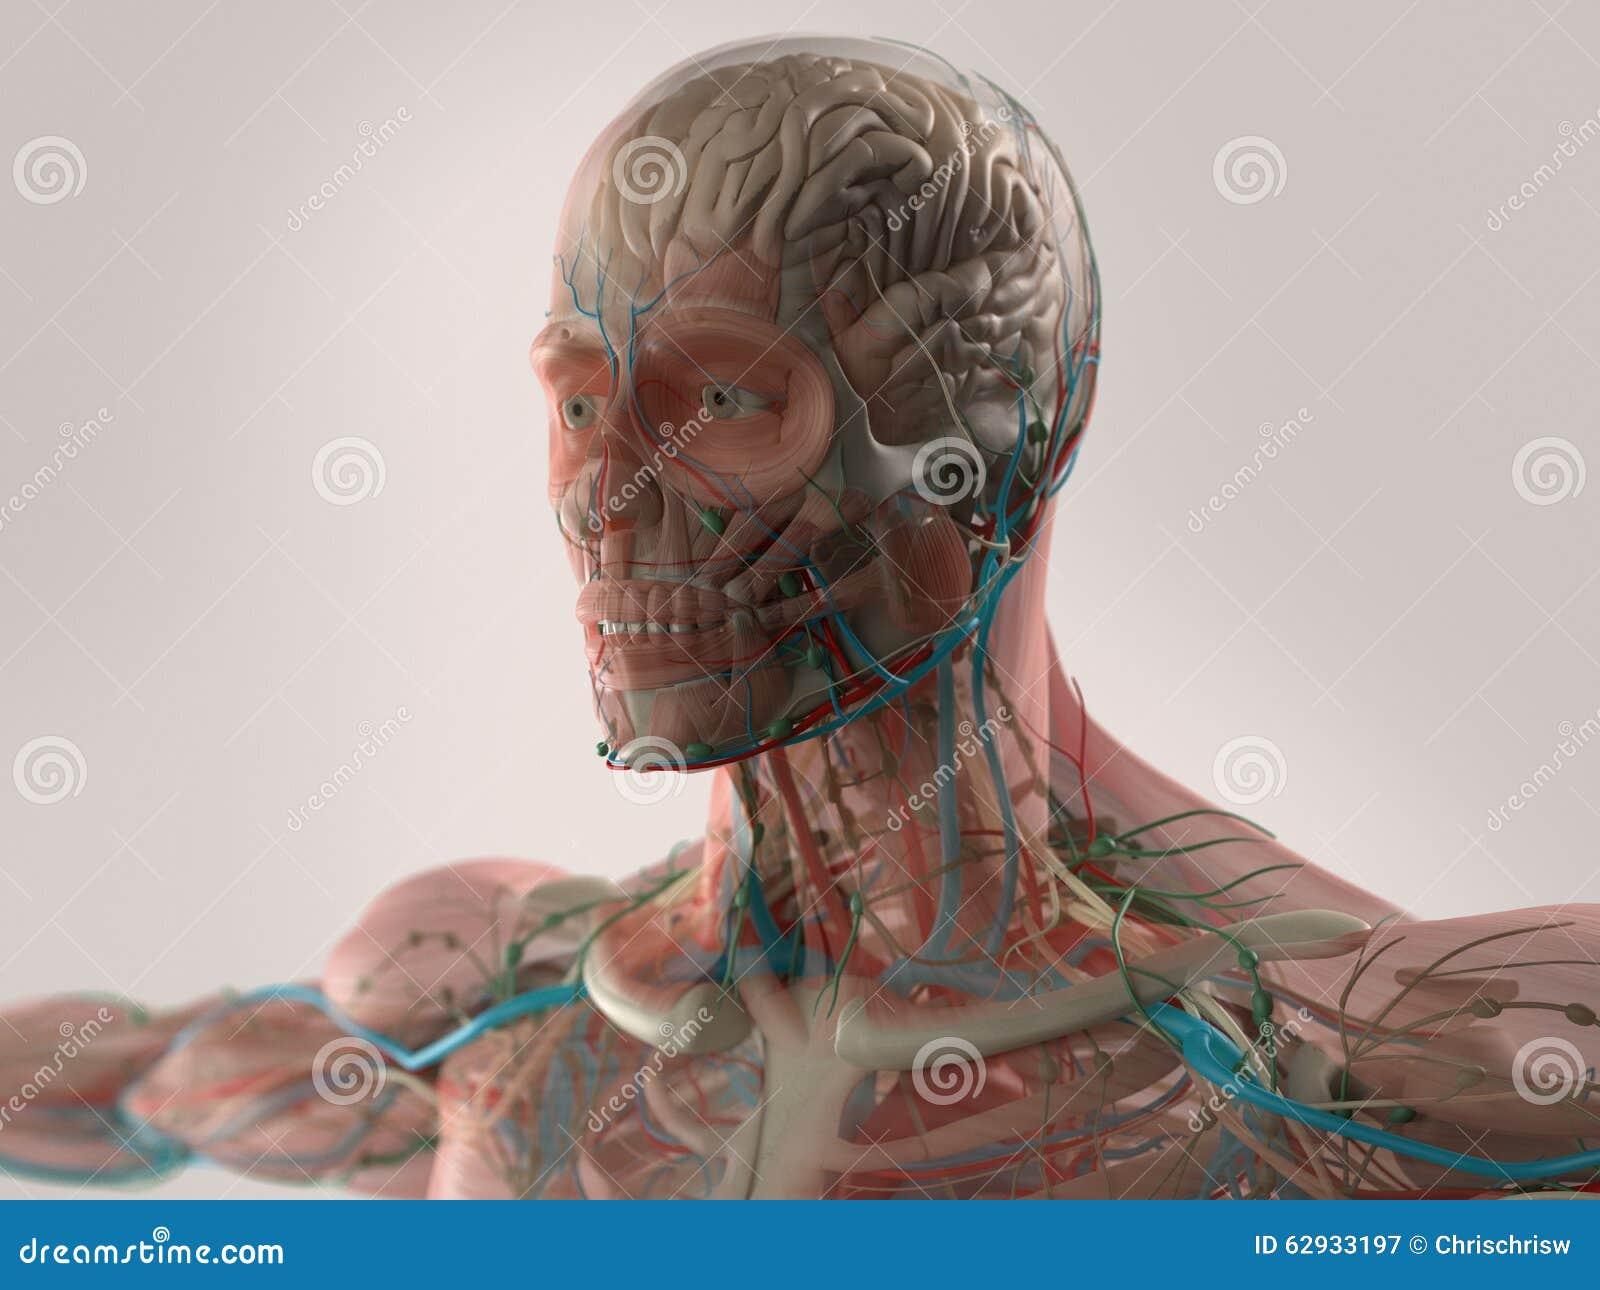 Menschliche Anatomie, Die Gesicht, Kopf, Schultern Und Kasten Zeigt ...